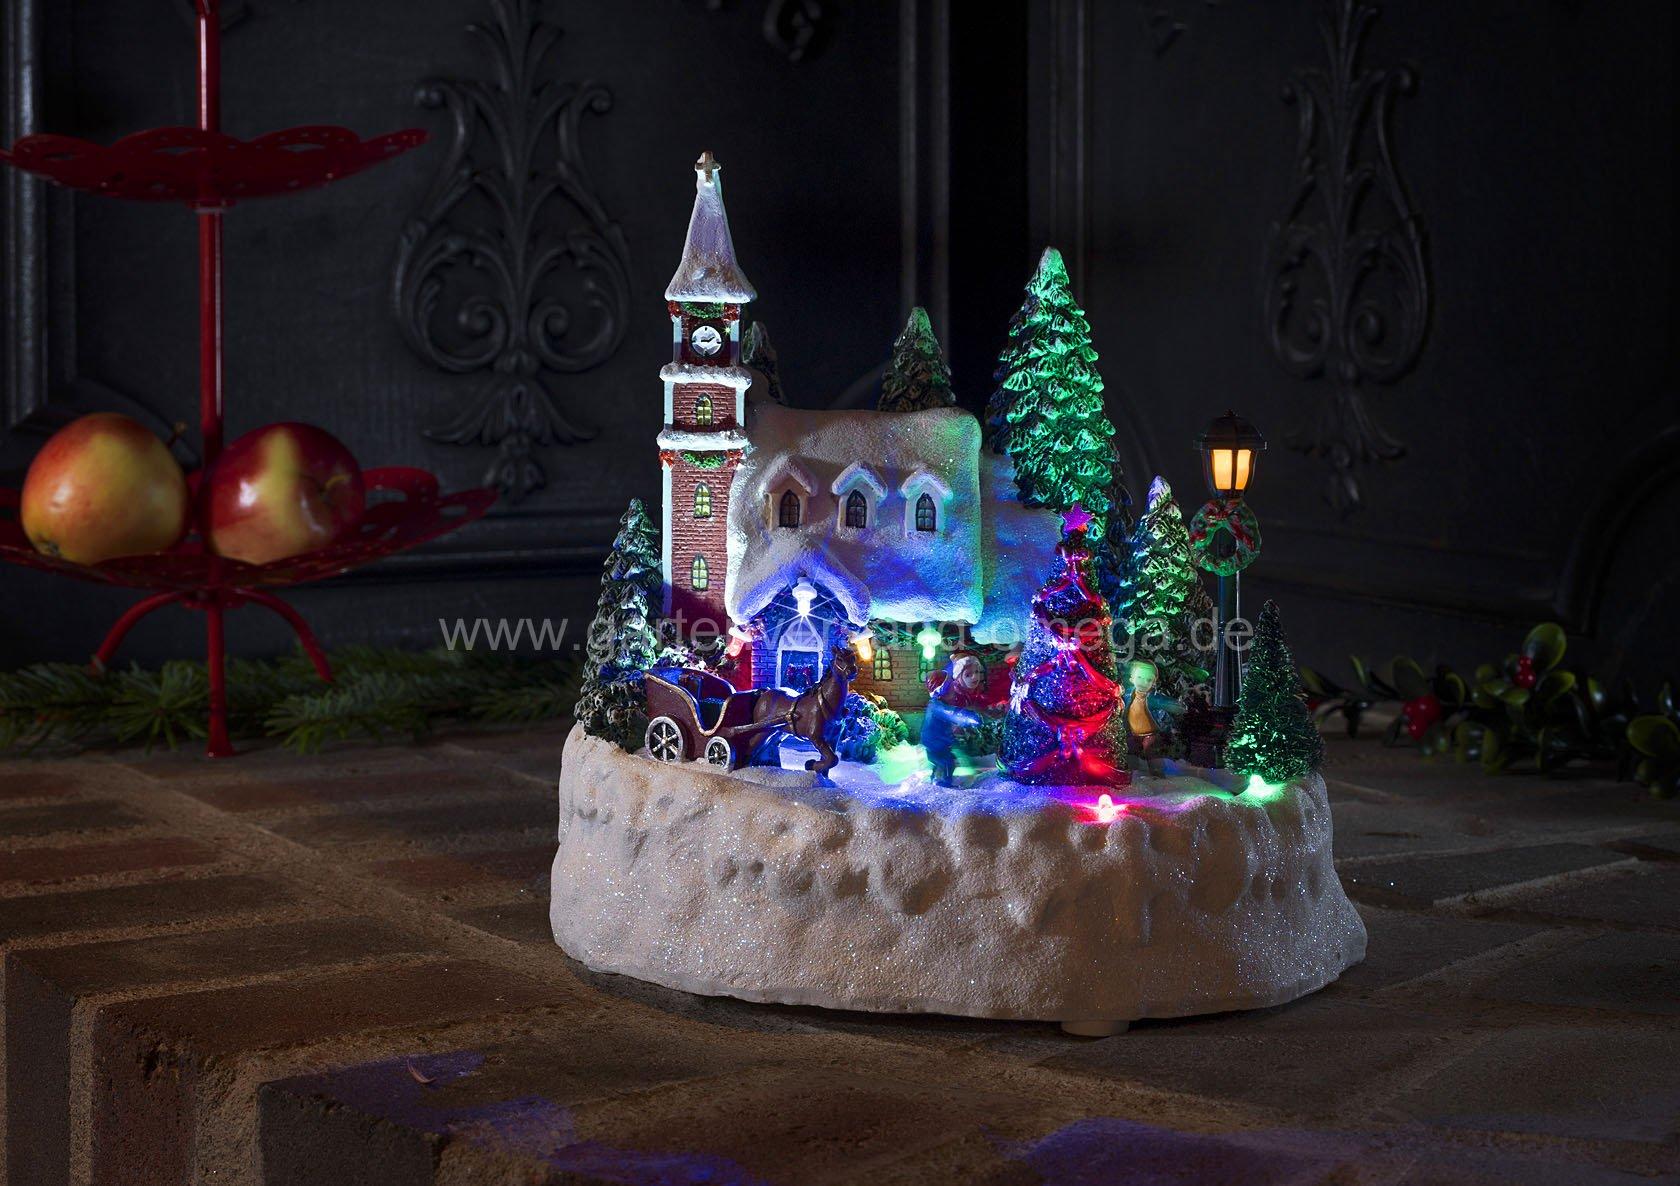 Weihnachtsdeko innen beleuchtet - Weihnachtsdeko innen ...